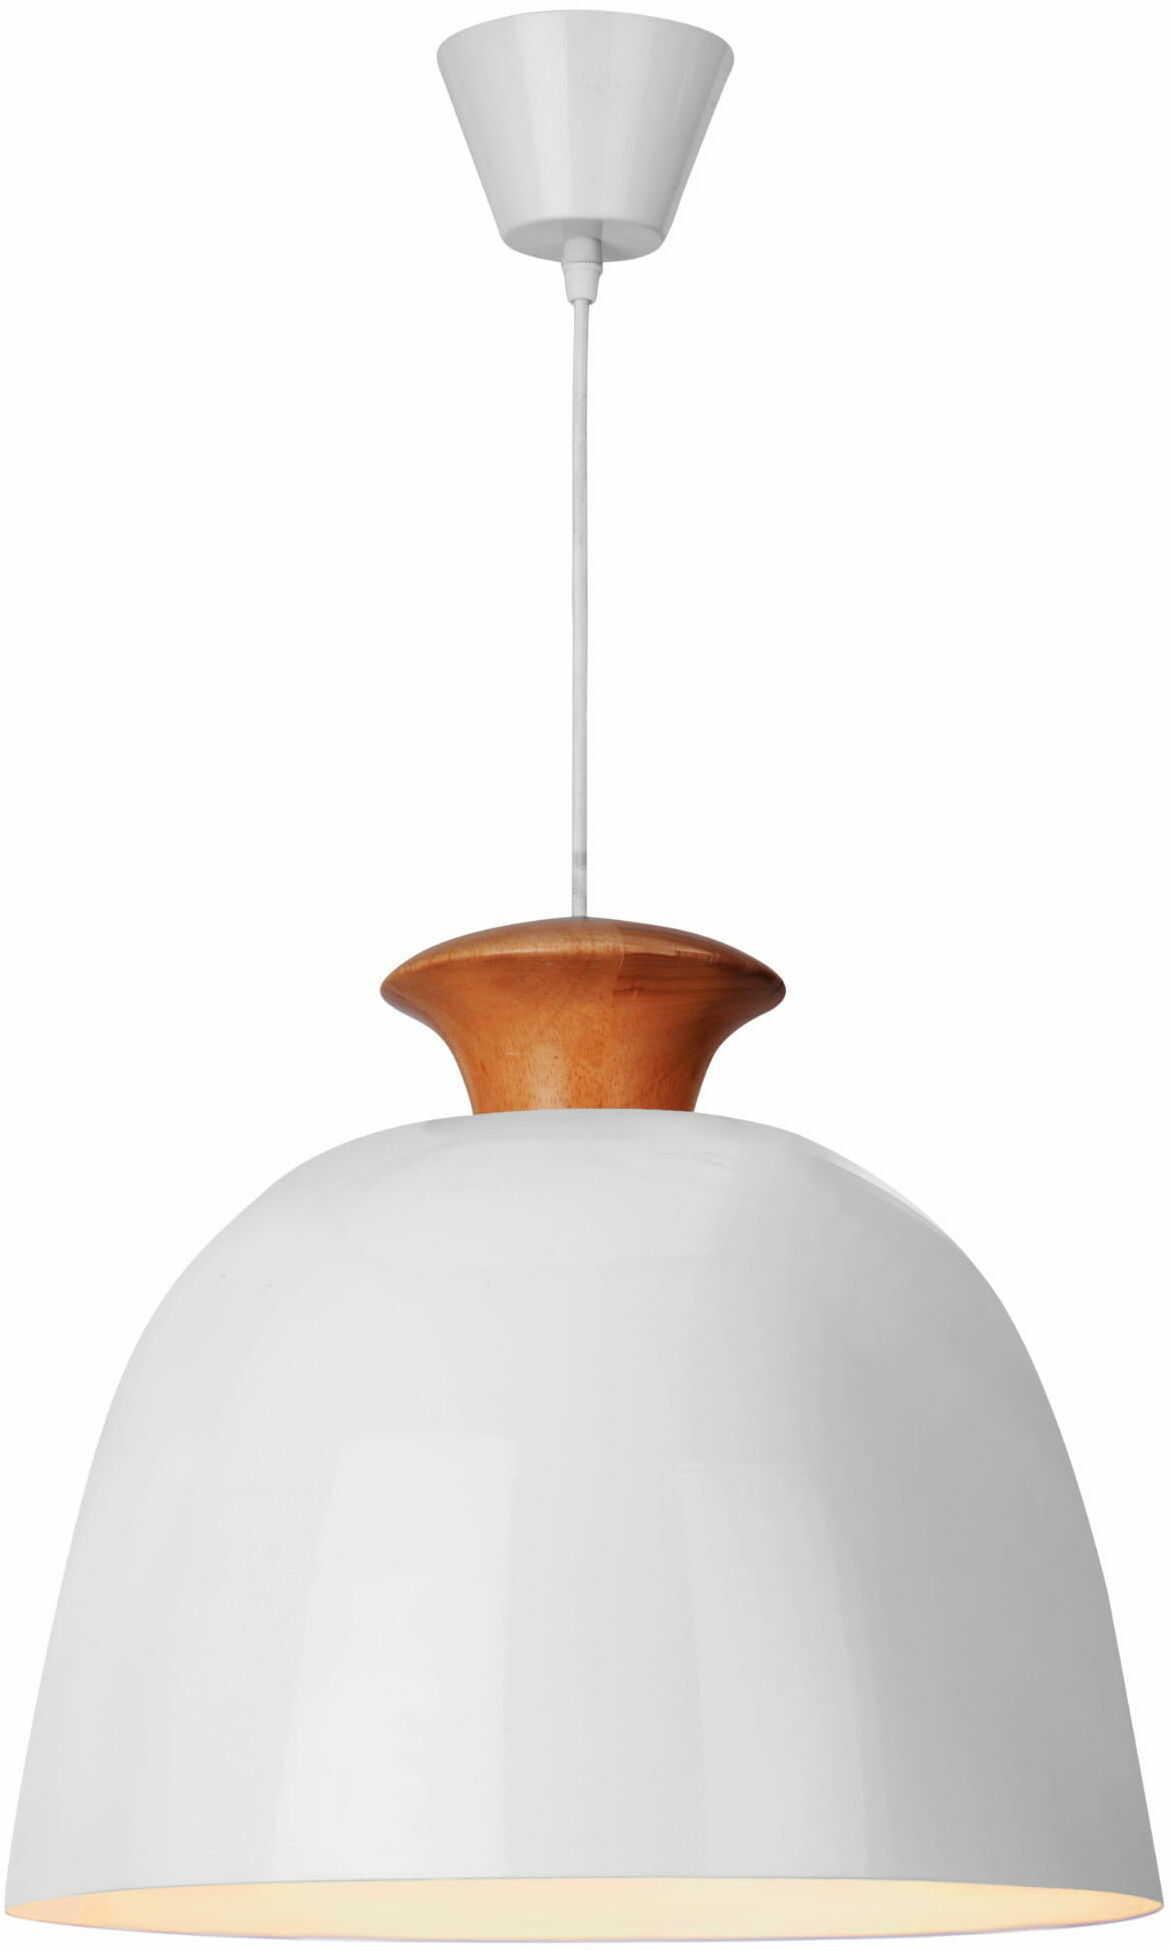 Light Prestige Aulla 1 LP-1228/1P lampa wisząca klasyczny kapeluszowy kształt klosz biały drewno 1x60W E27 40cm